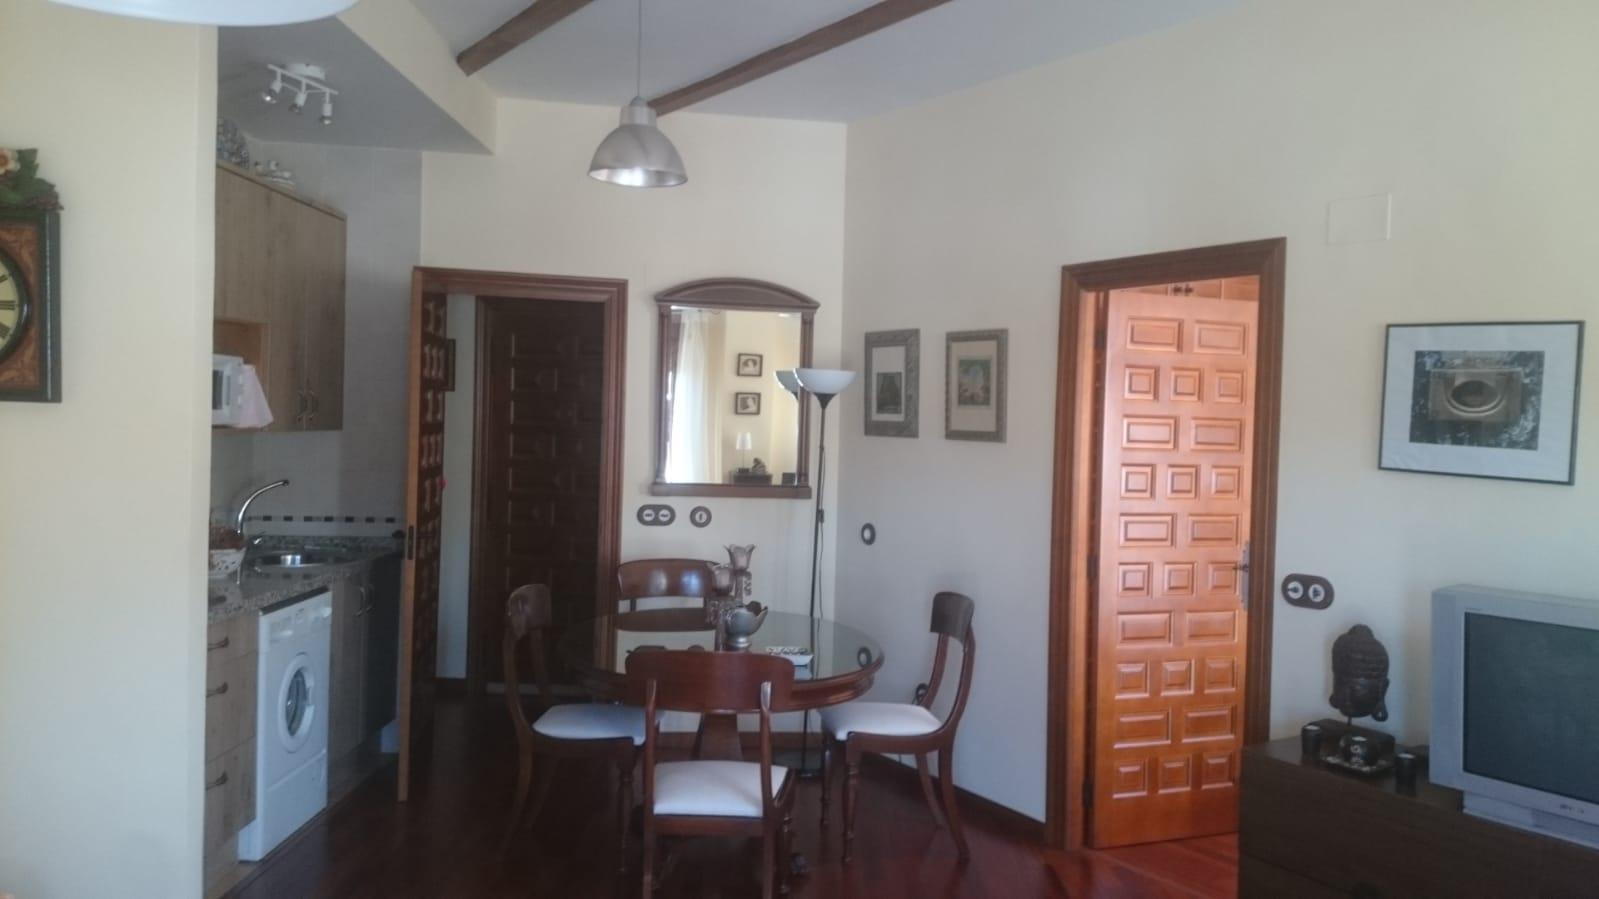 DÚPLEX EN SIERRA DE LA COVATILLA (REF: SLL-NC) - foto 3 e06e6766-fcb5-40ca-b6ed-b66a6c9f58b3.jpg